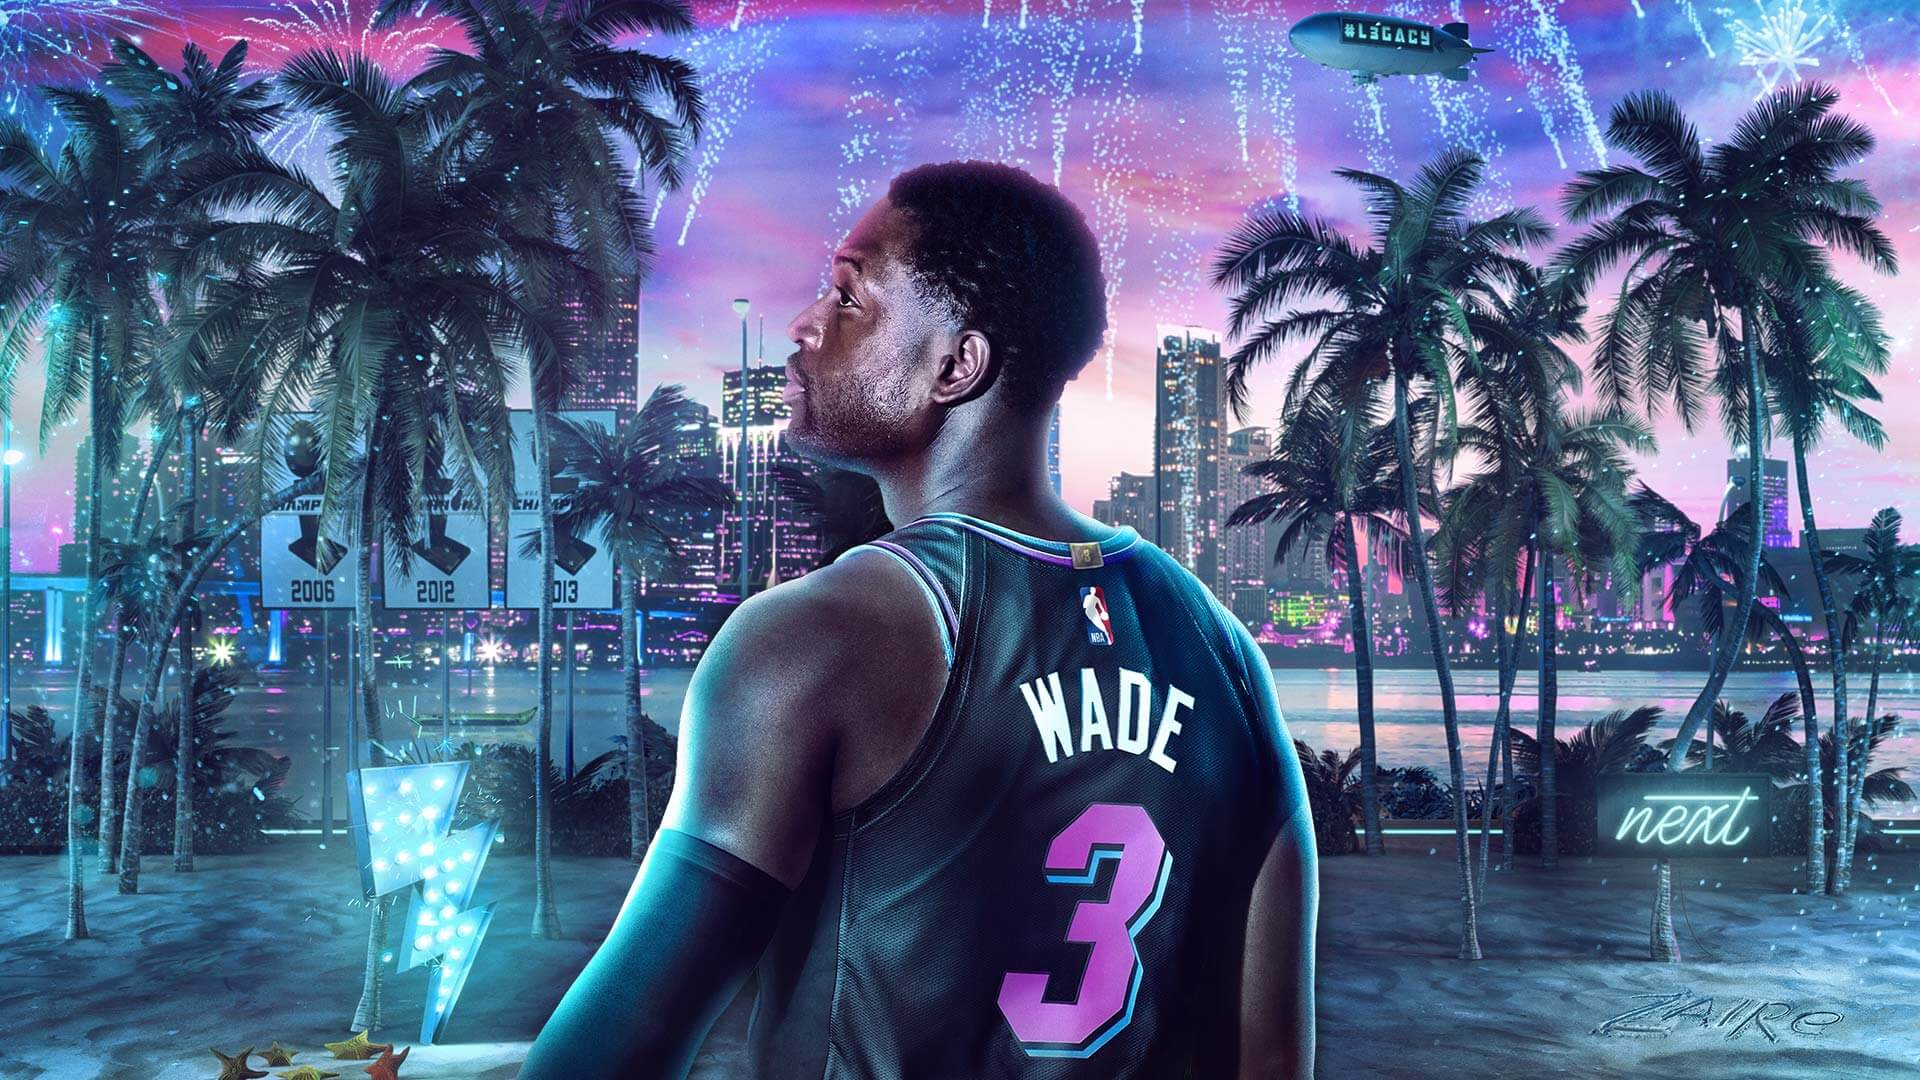 NBA 2K20 ART 1